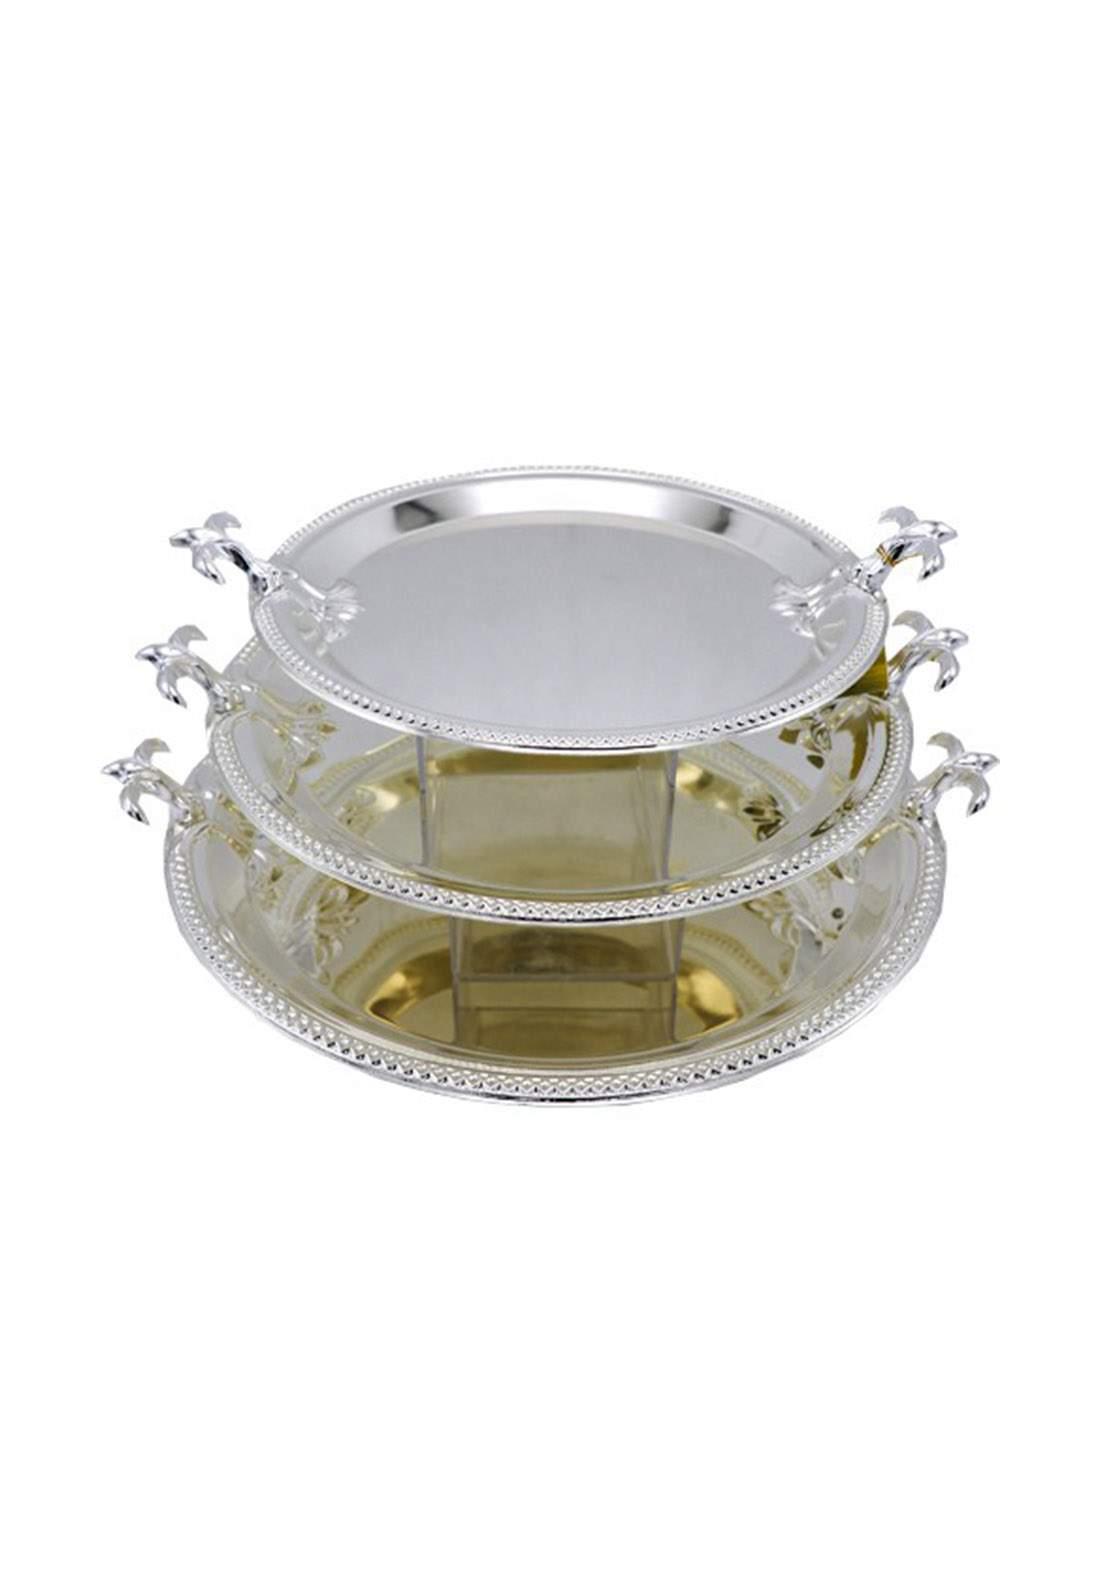 سيت صواني دائرية الشكل من Rival 1154